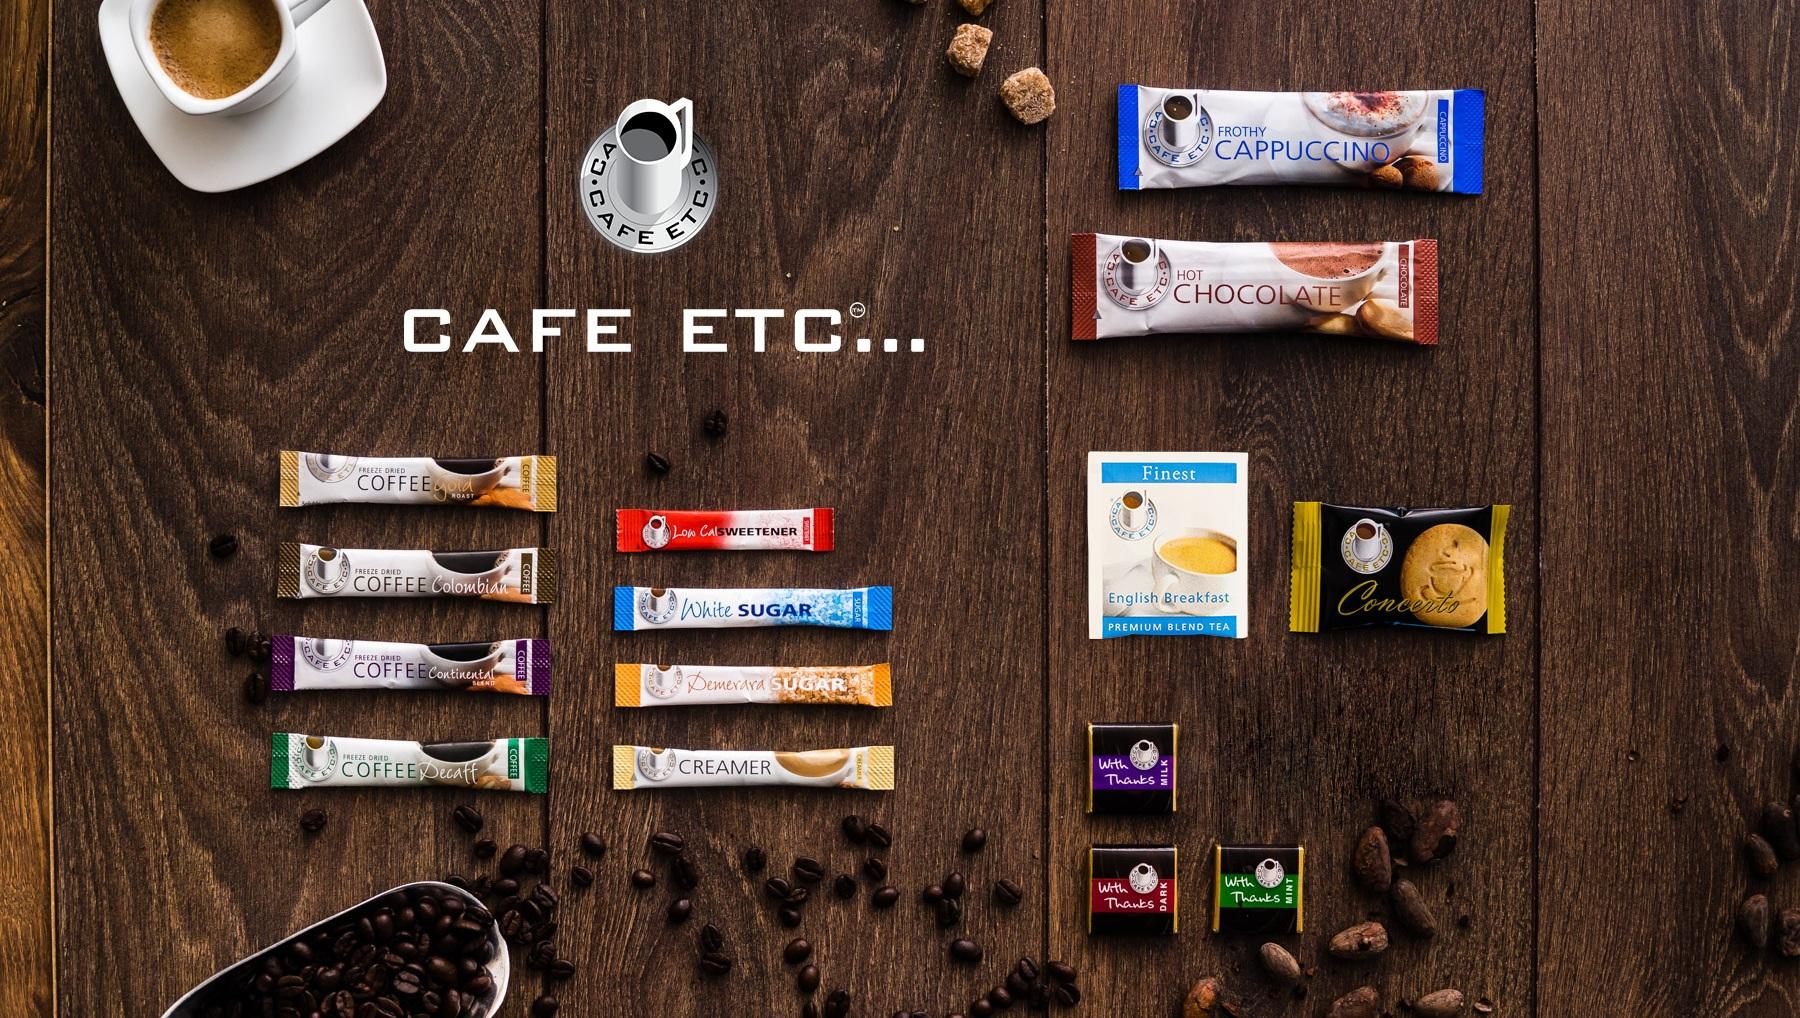 Cafe Etc Range - Lifestyle Image.jpg